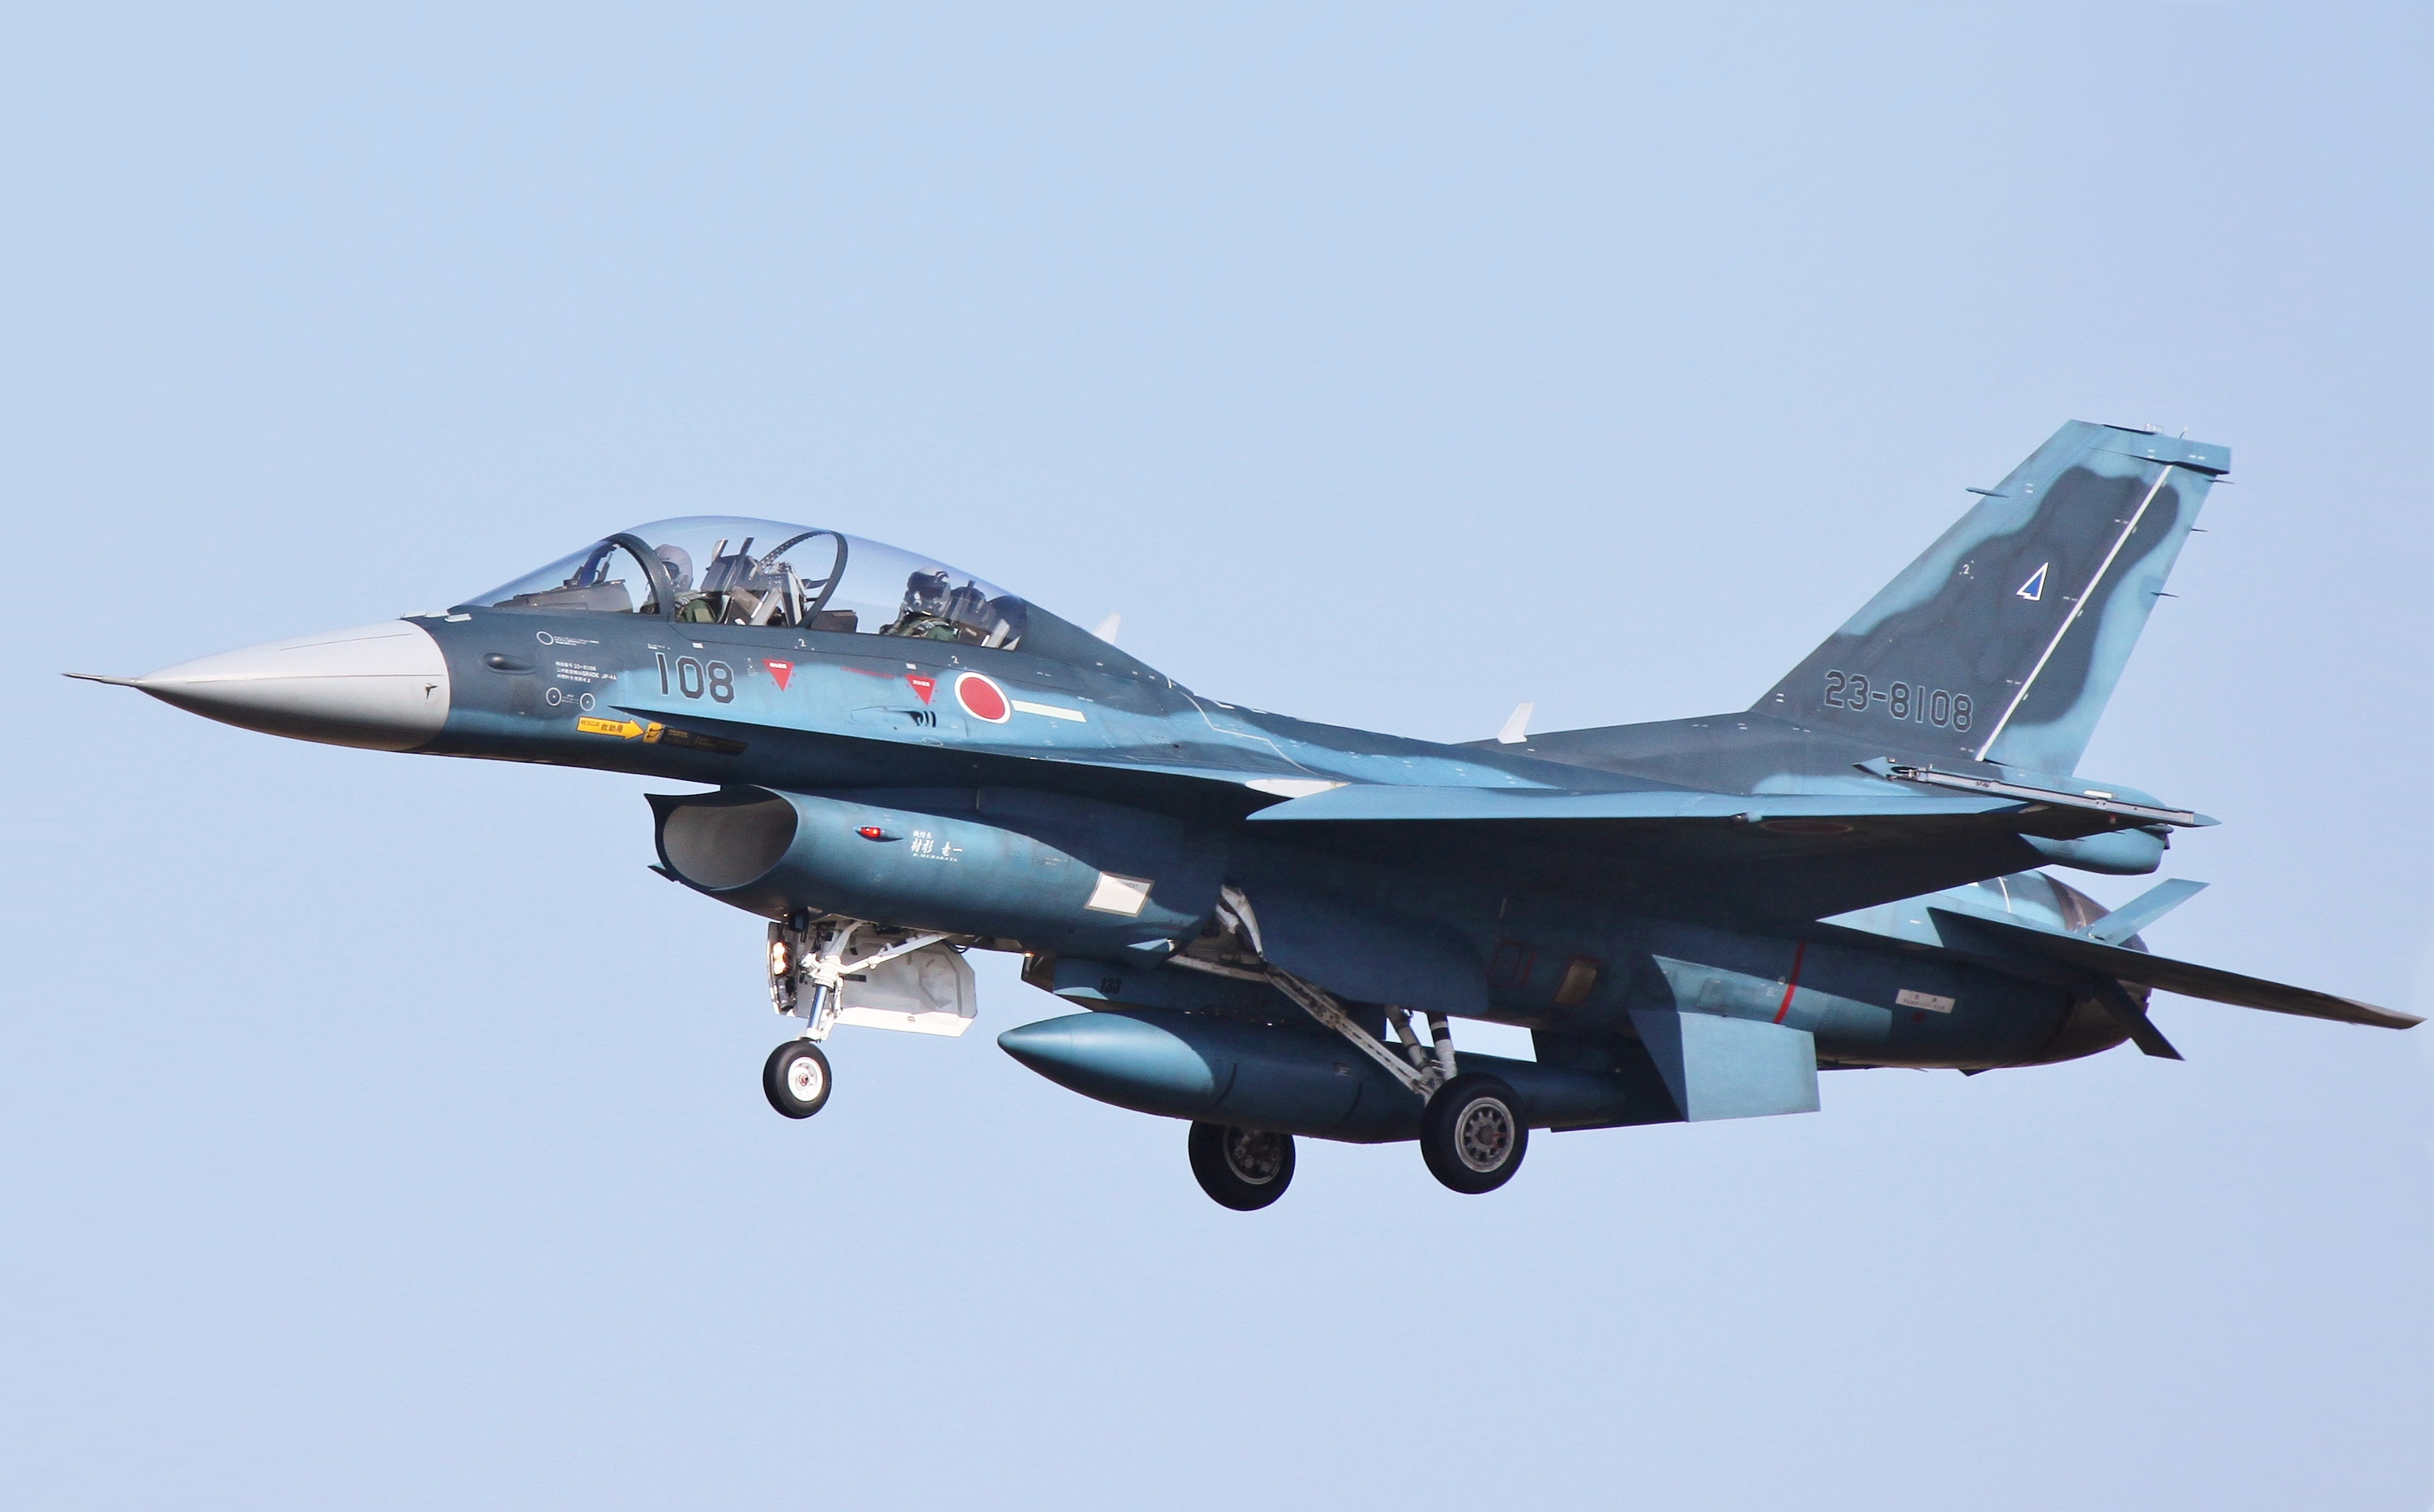 Mitsubishi F-2 - Wikipedia